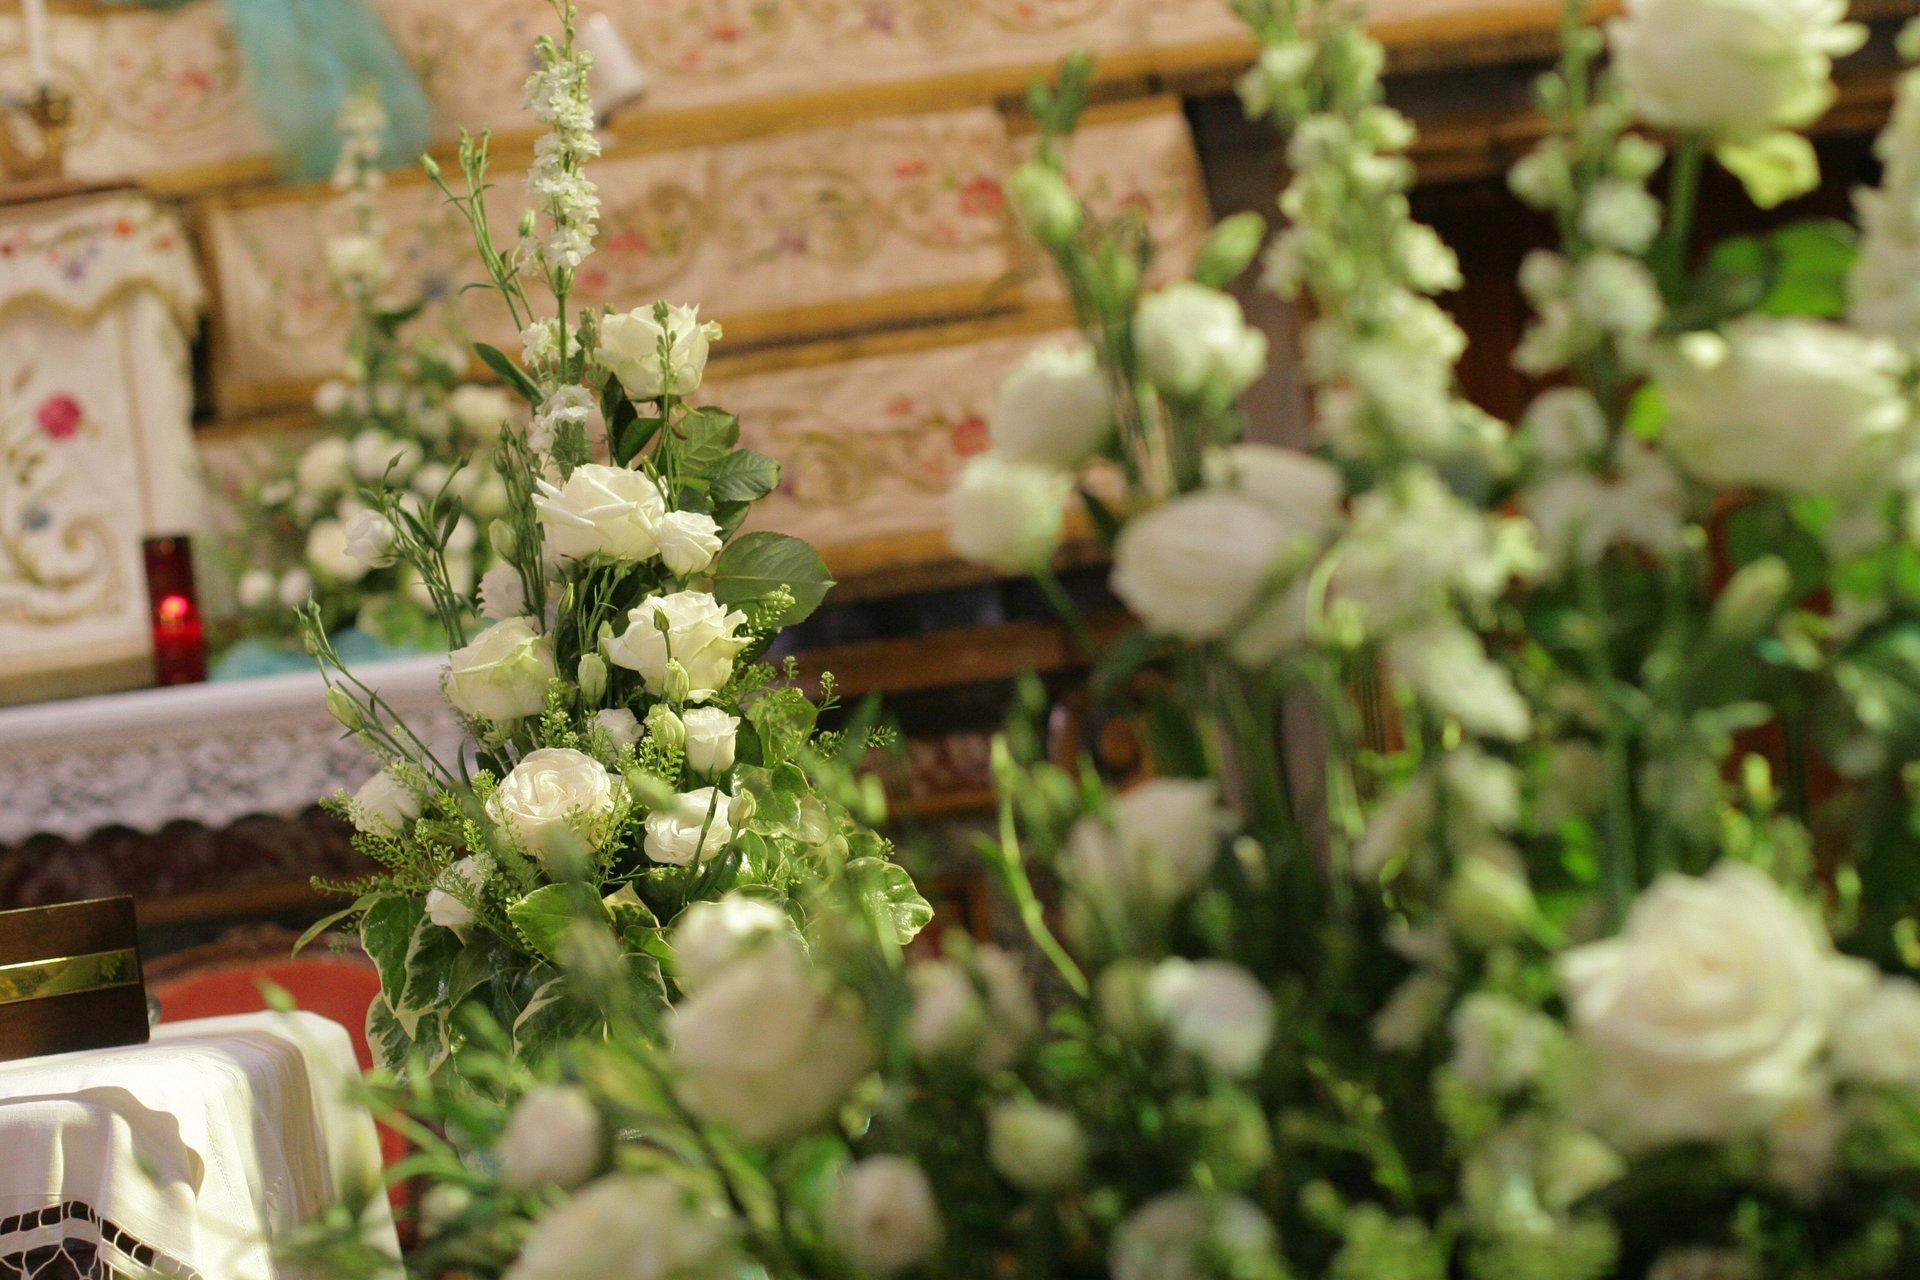 servizio completo di piante e fiori per addobbare il